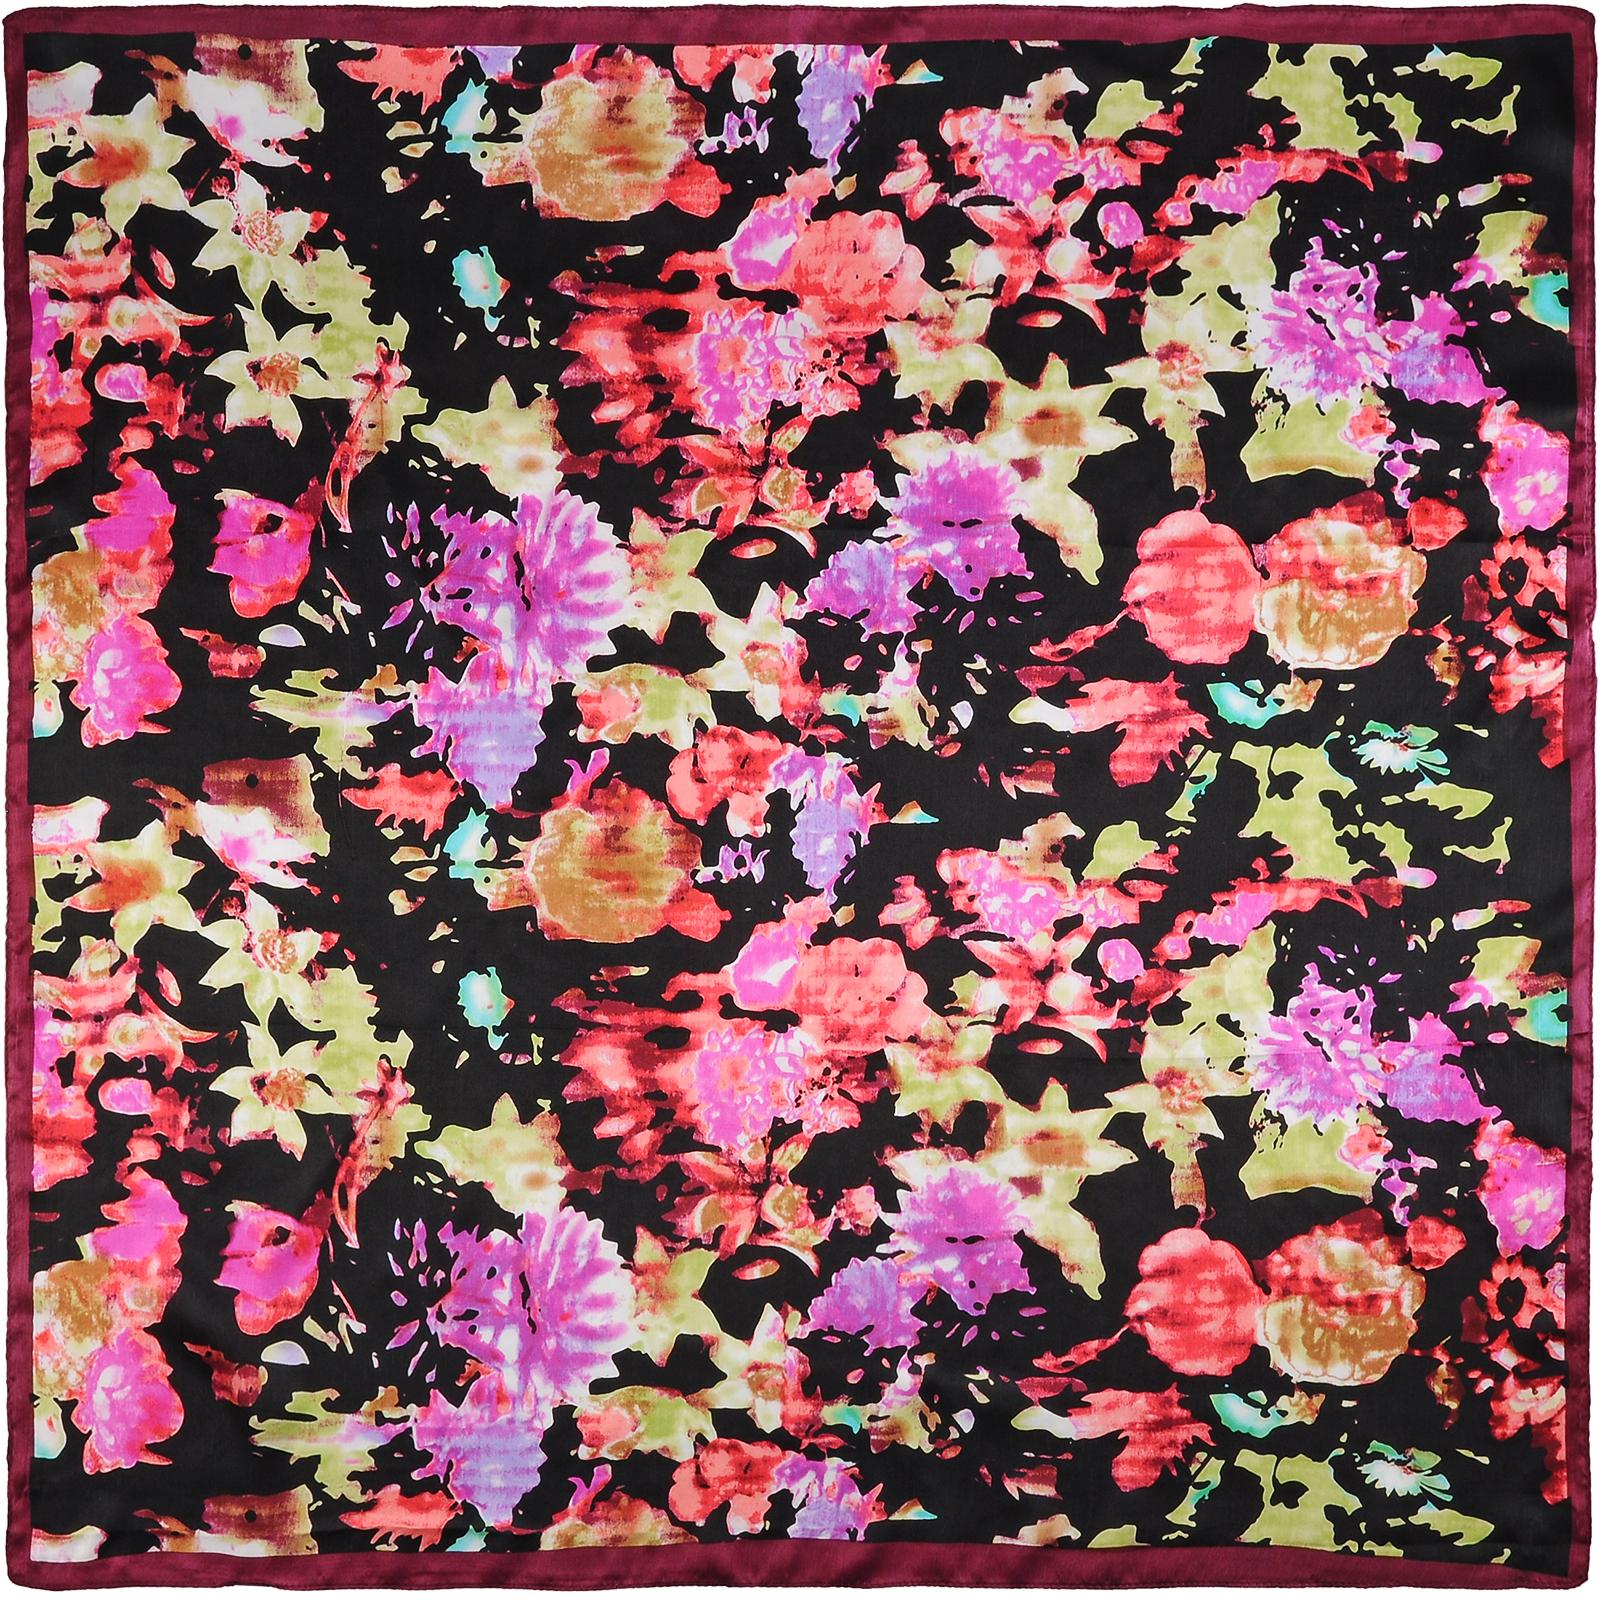 AT-03425-A16-carre-de-soie-noir-flou-floral